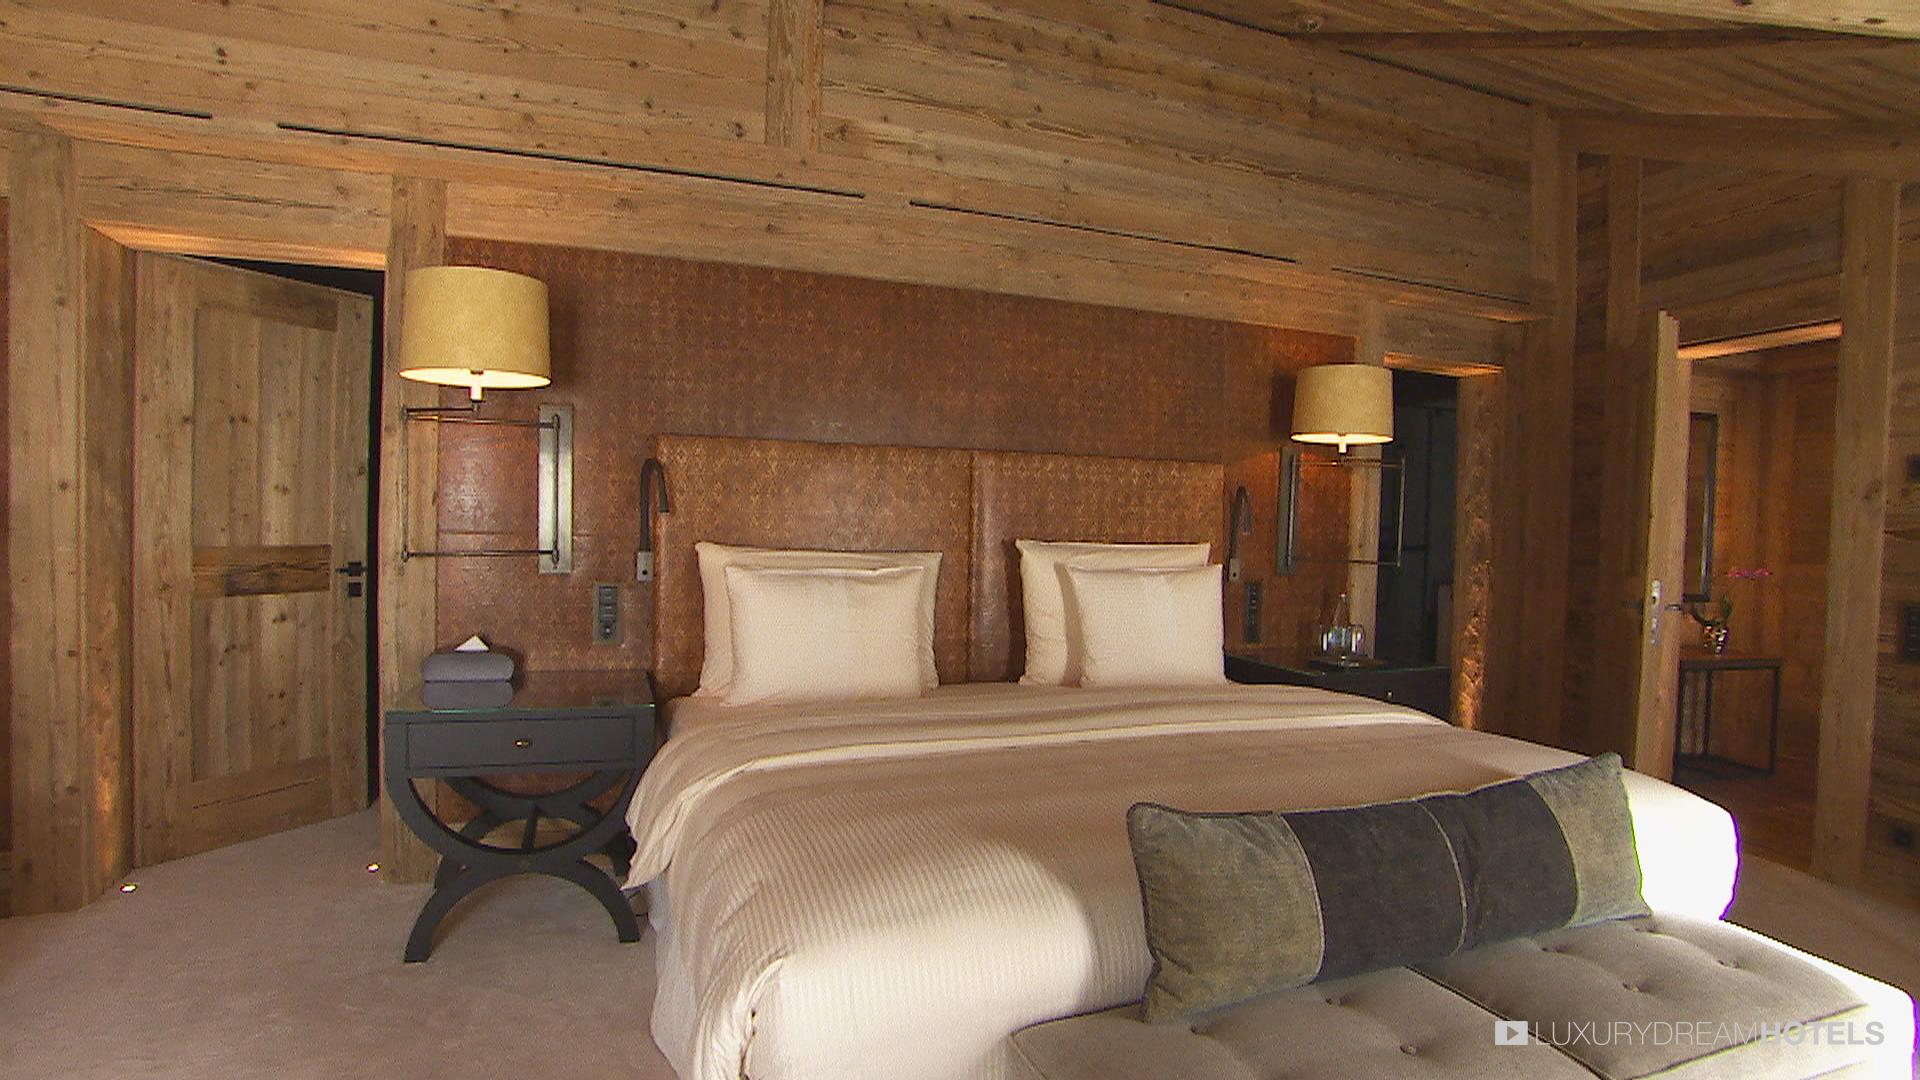 Luxury Hotel The Alpina Gstaad Gstaad Switzerland Luxury Dream - Hotel alpina gstaad